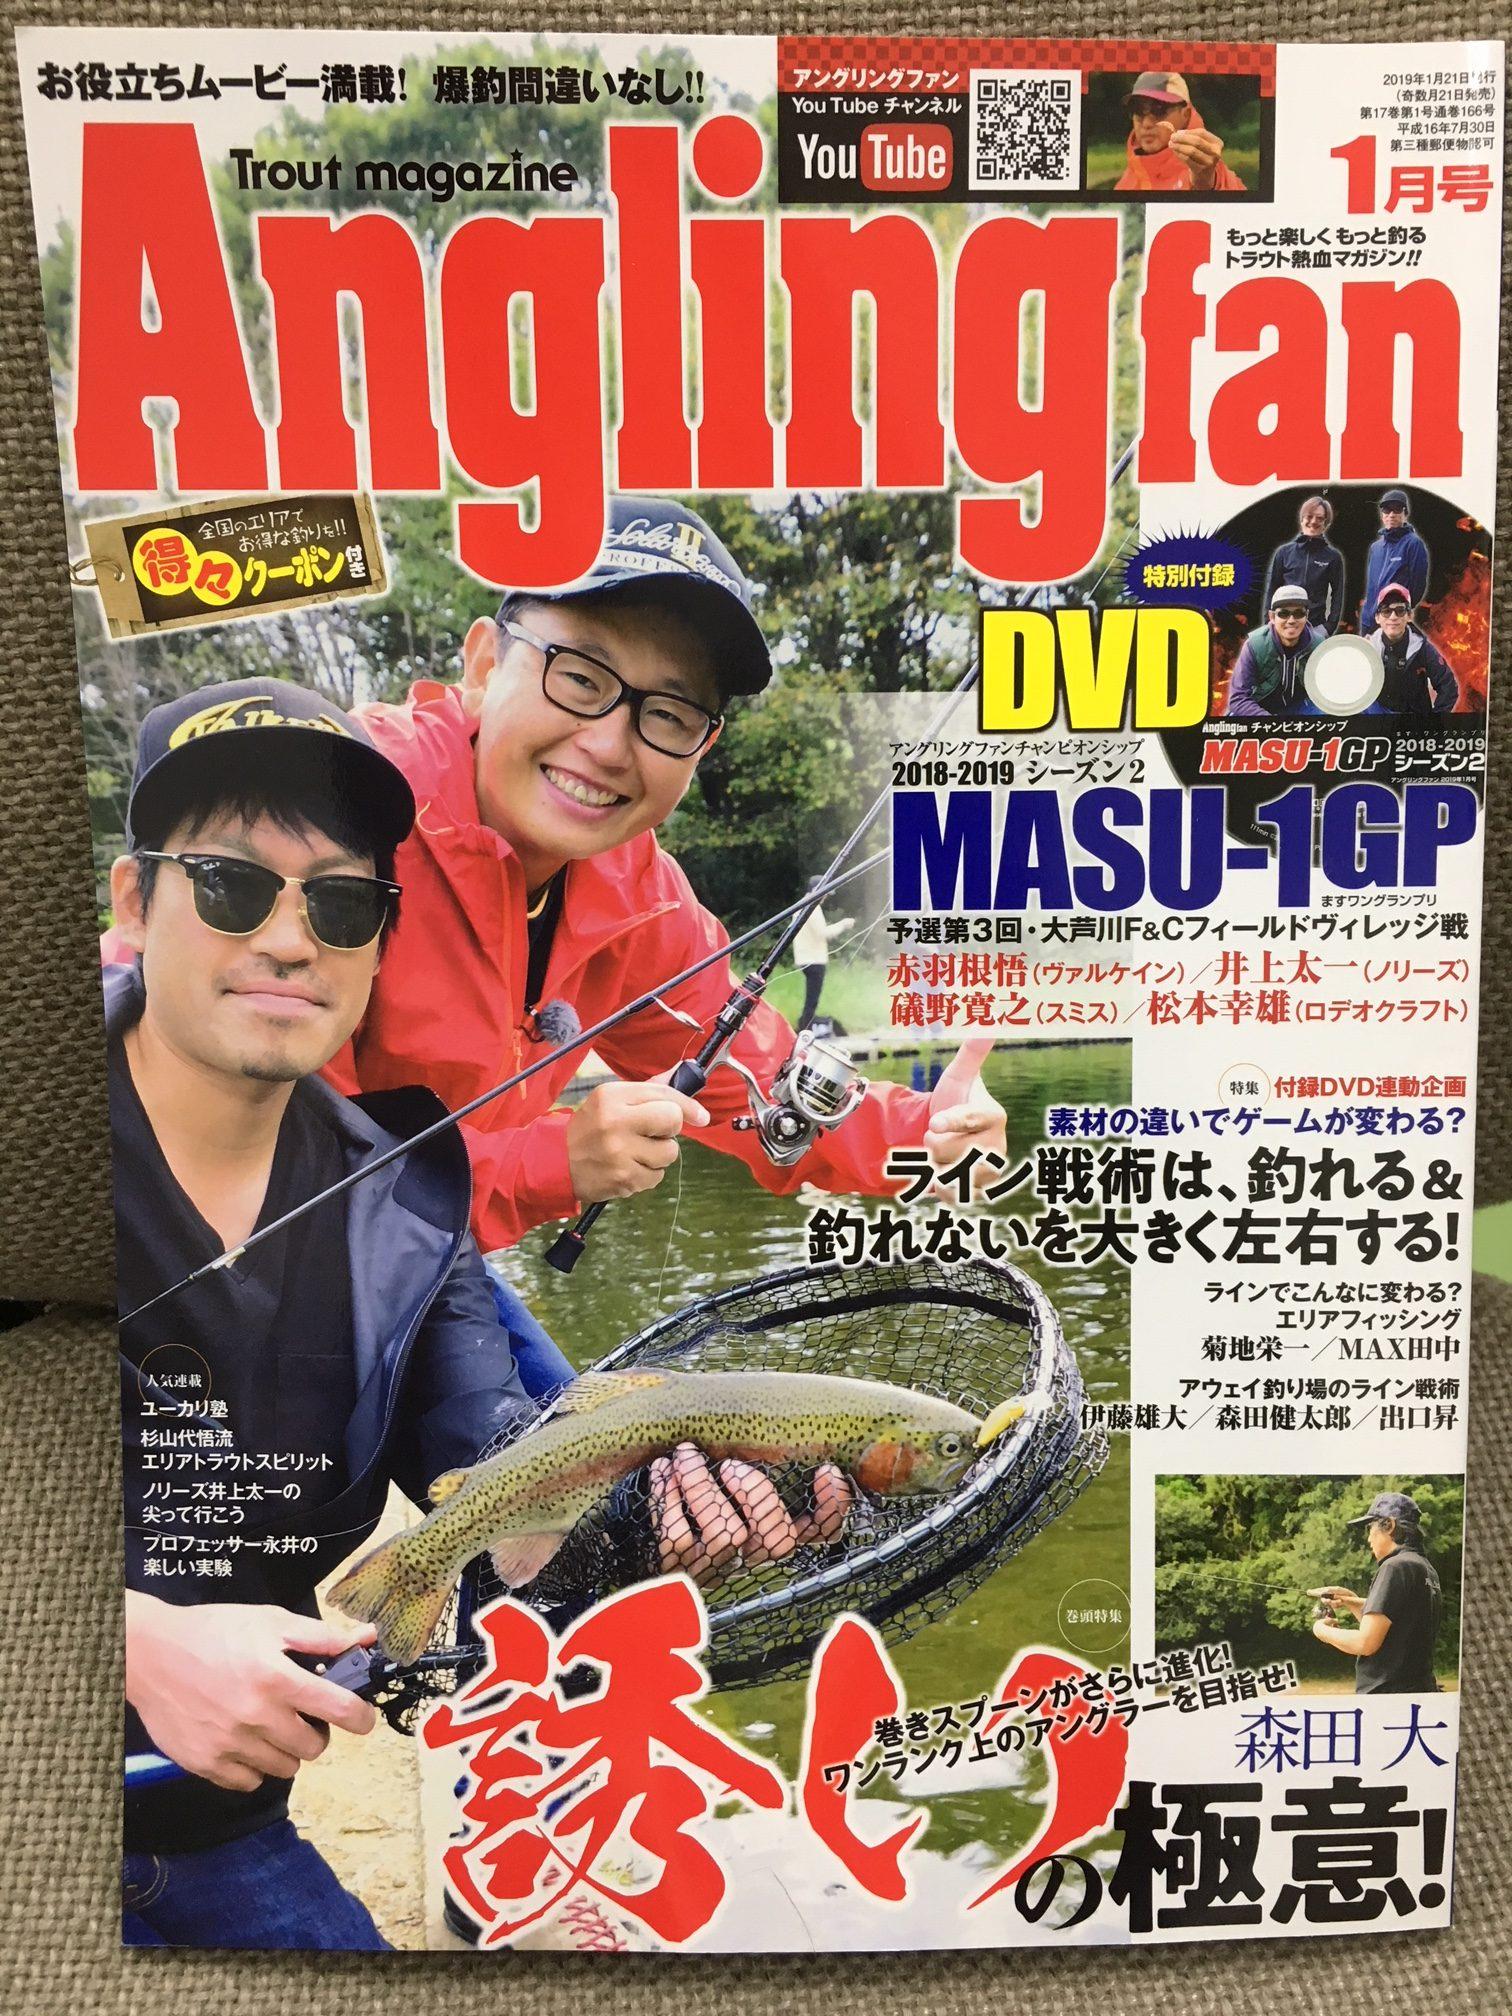 スタッフ千鮎掲載!コスミック出版『Anglingfan1月号』